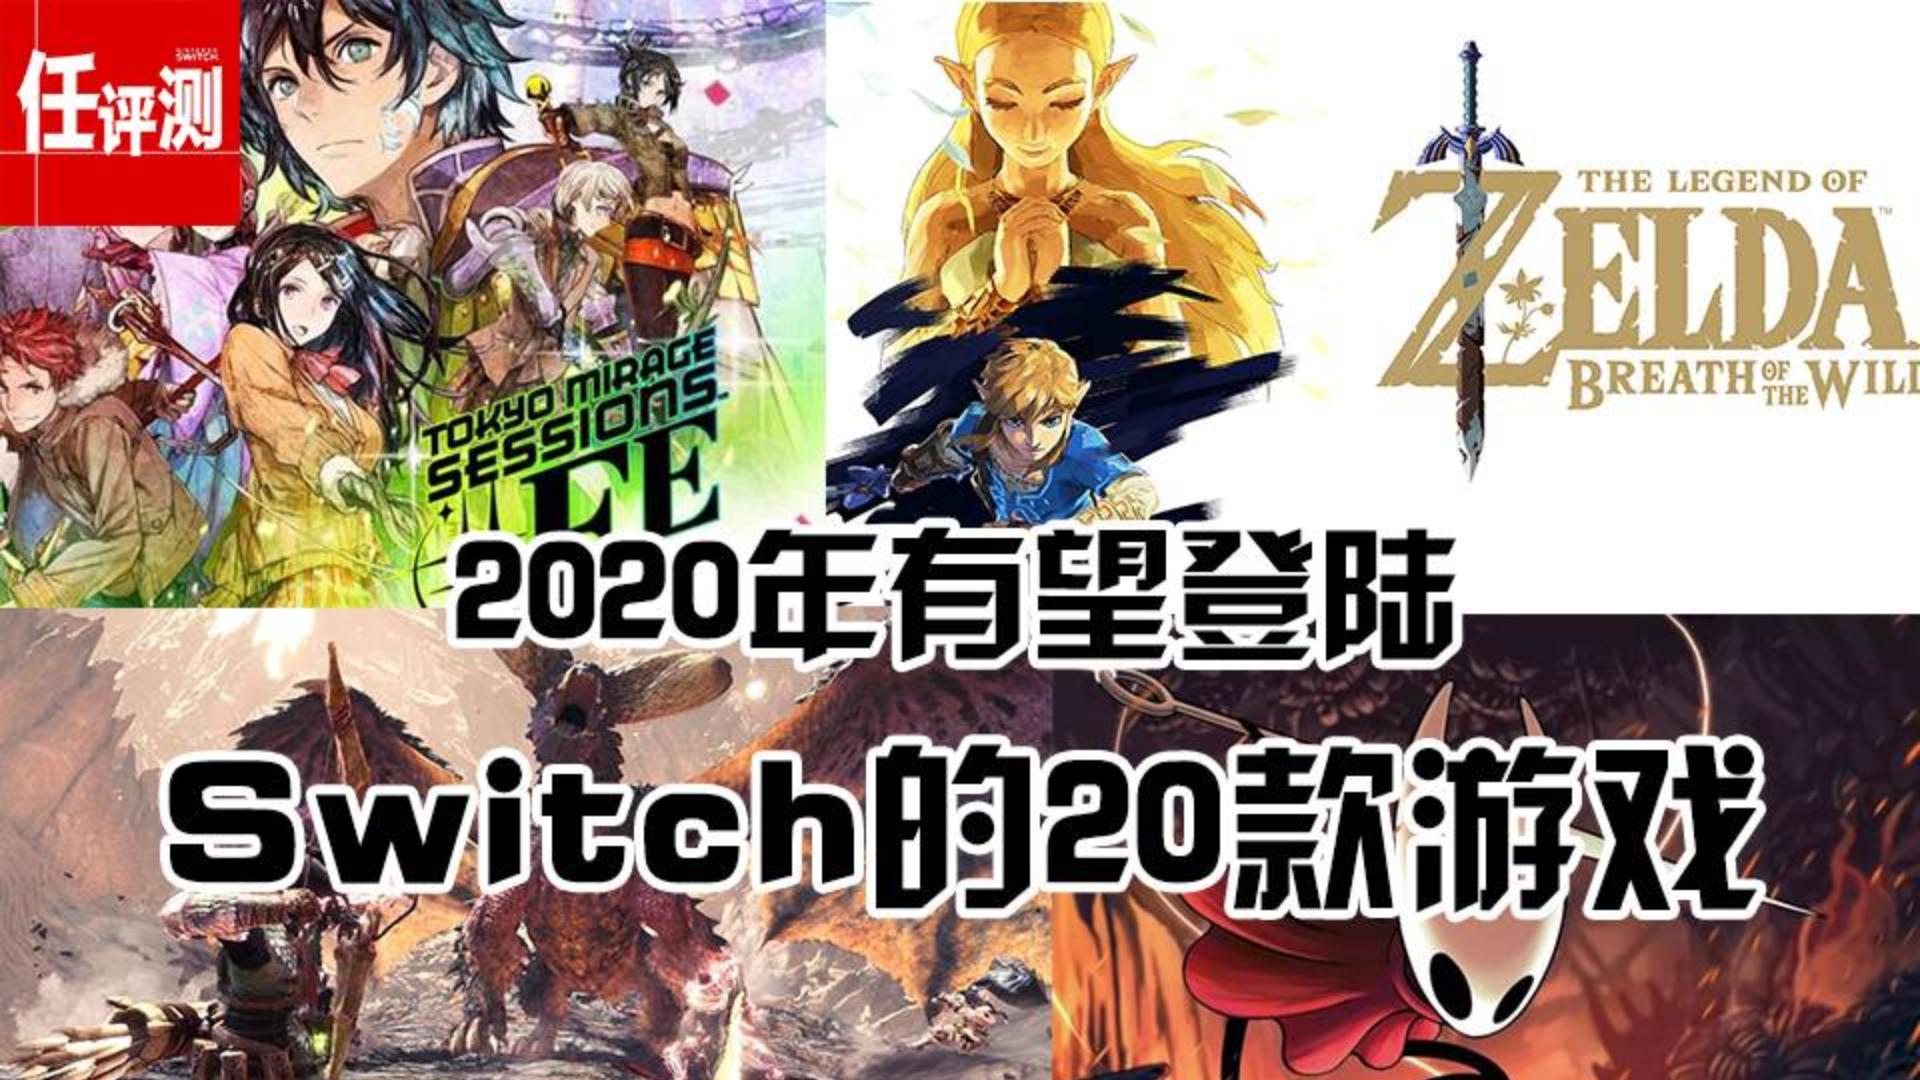 盘点2020 年有望登陆Switch平台的20款游戏